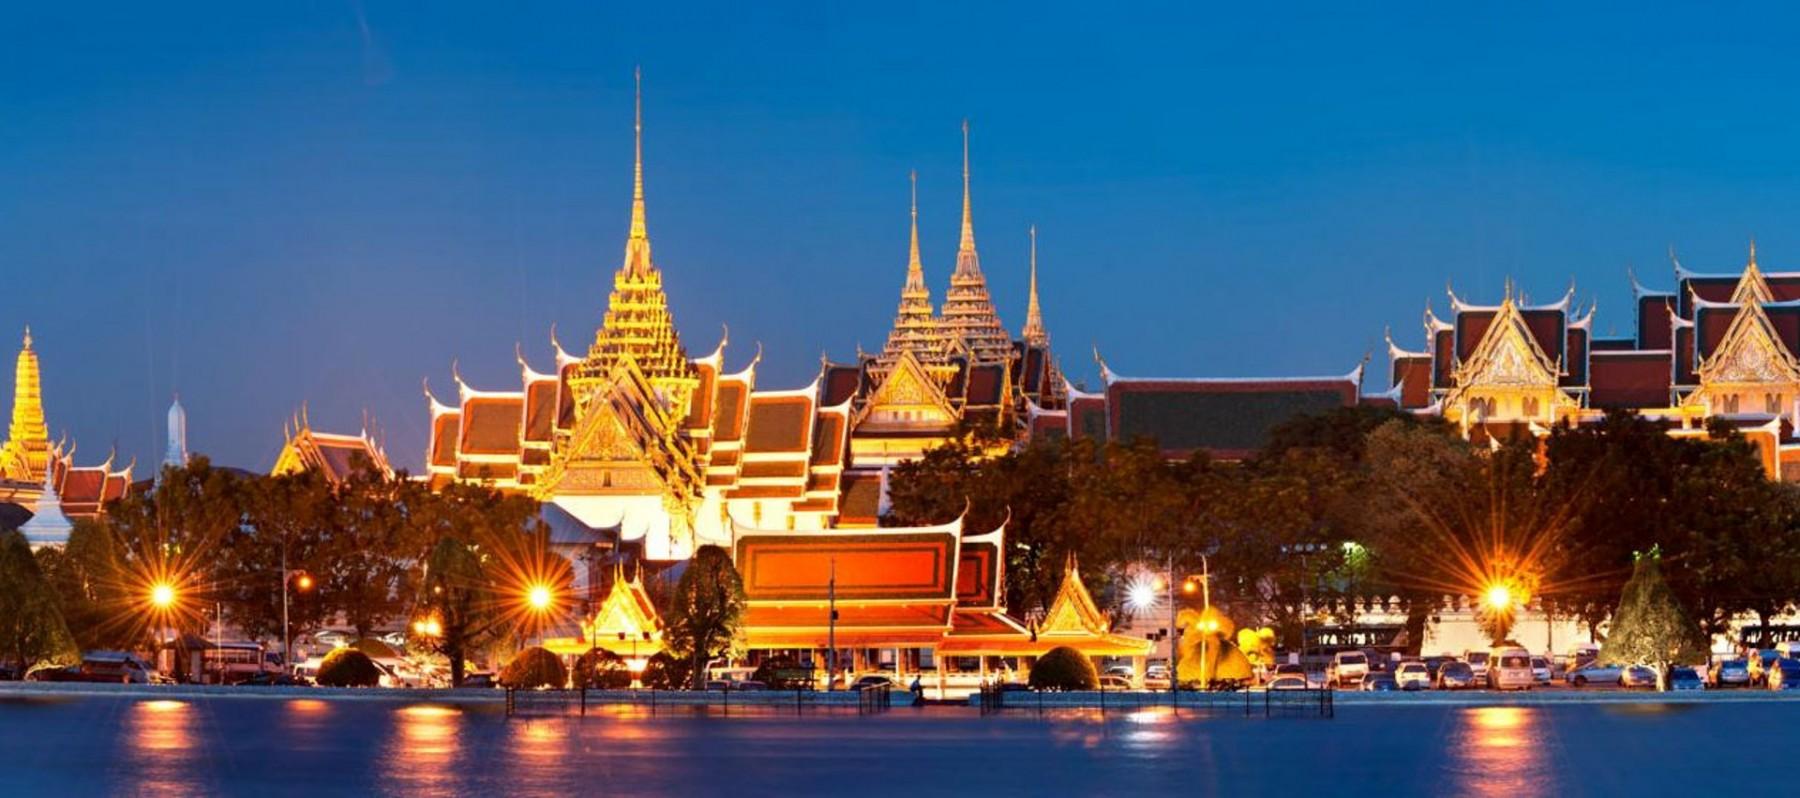 Royal Palace Hotel Bangkok